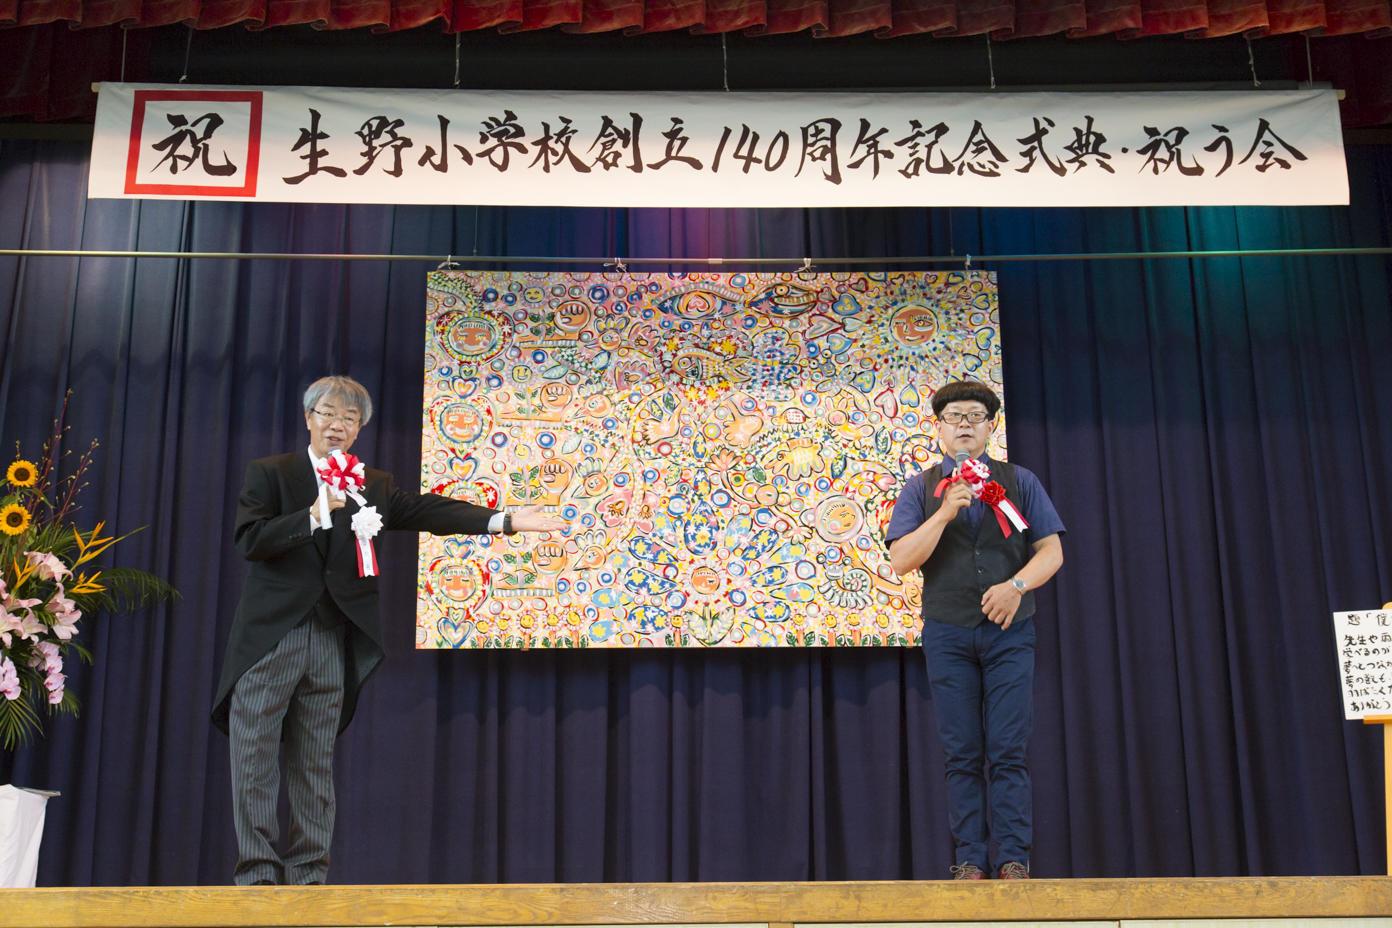 http://news.yoshimoto.co.jp/20160628225906-aea8e92e313f50ea8ee0d717059eb7fe34ea3c6e.jpg